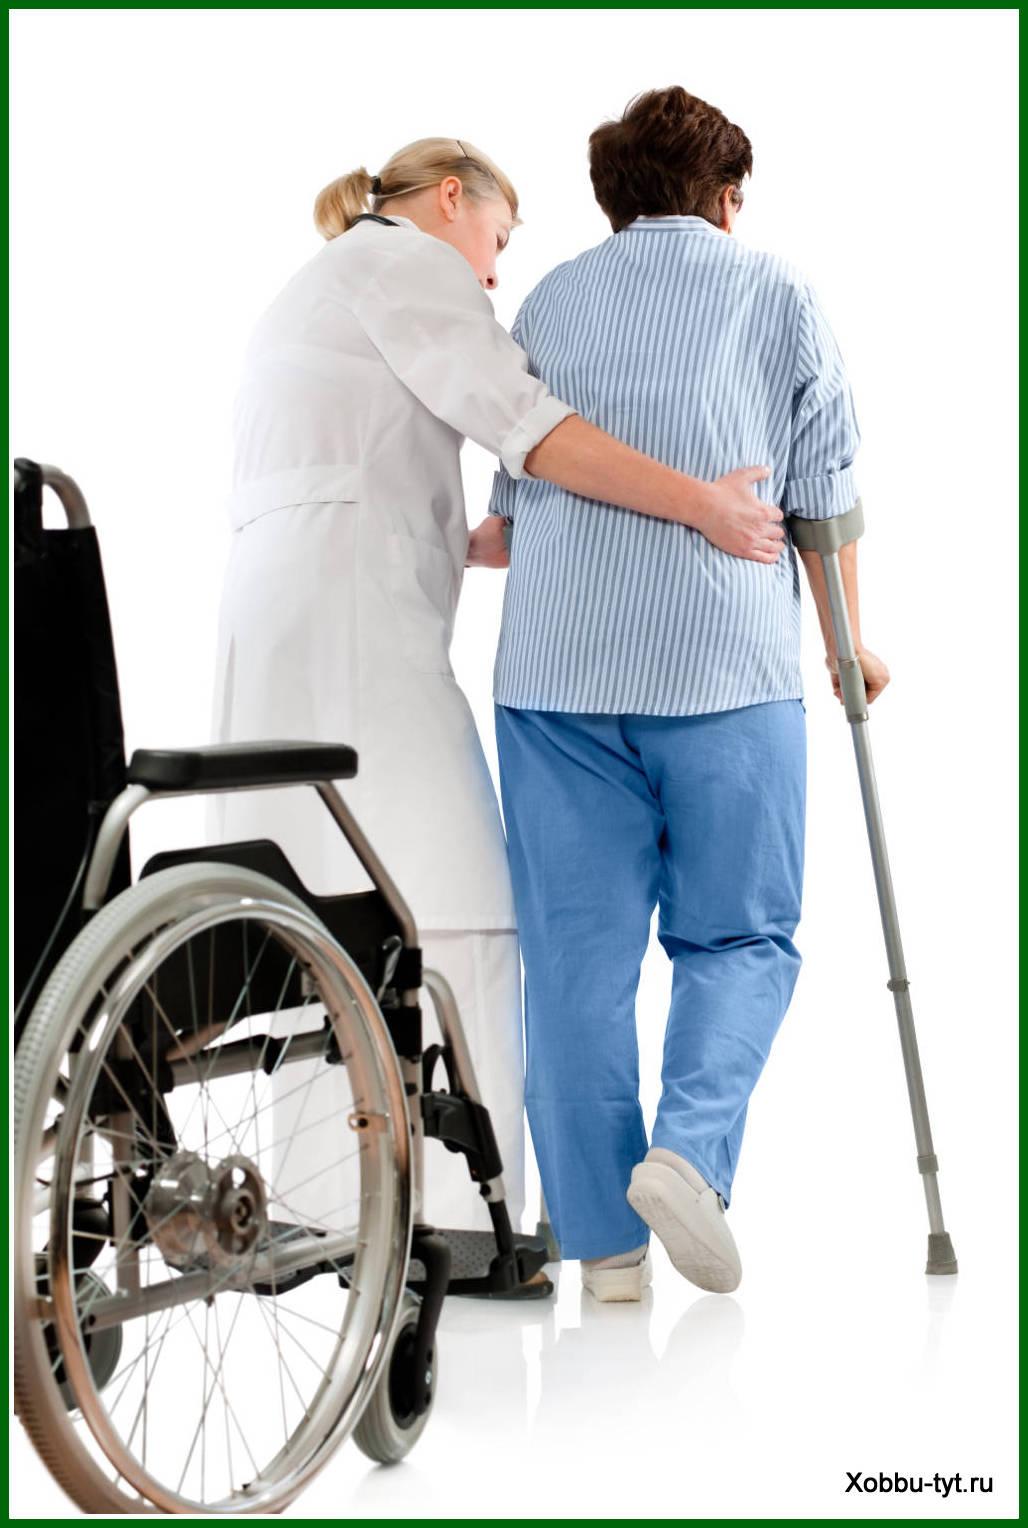 как найти сиделку для пожилого человека 6